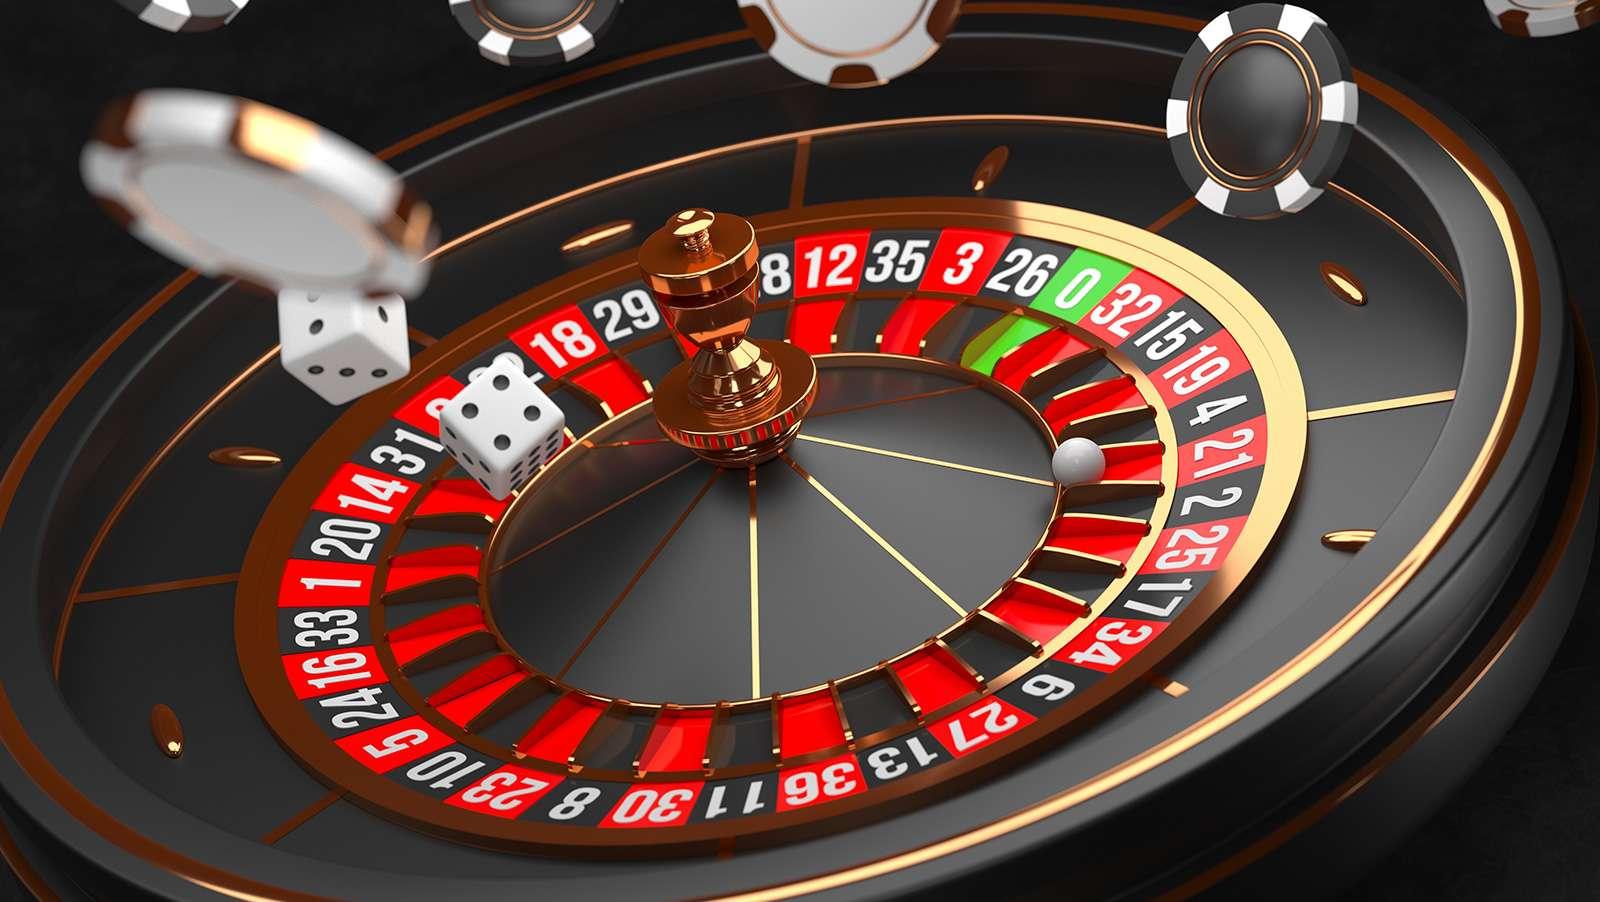 Отдых казино как играть в карты и не проигрывать в дурака